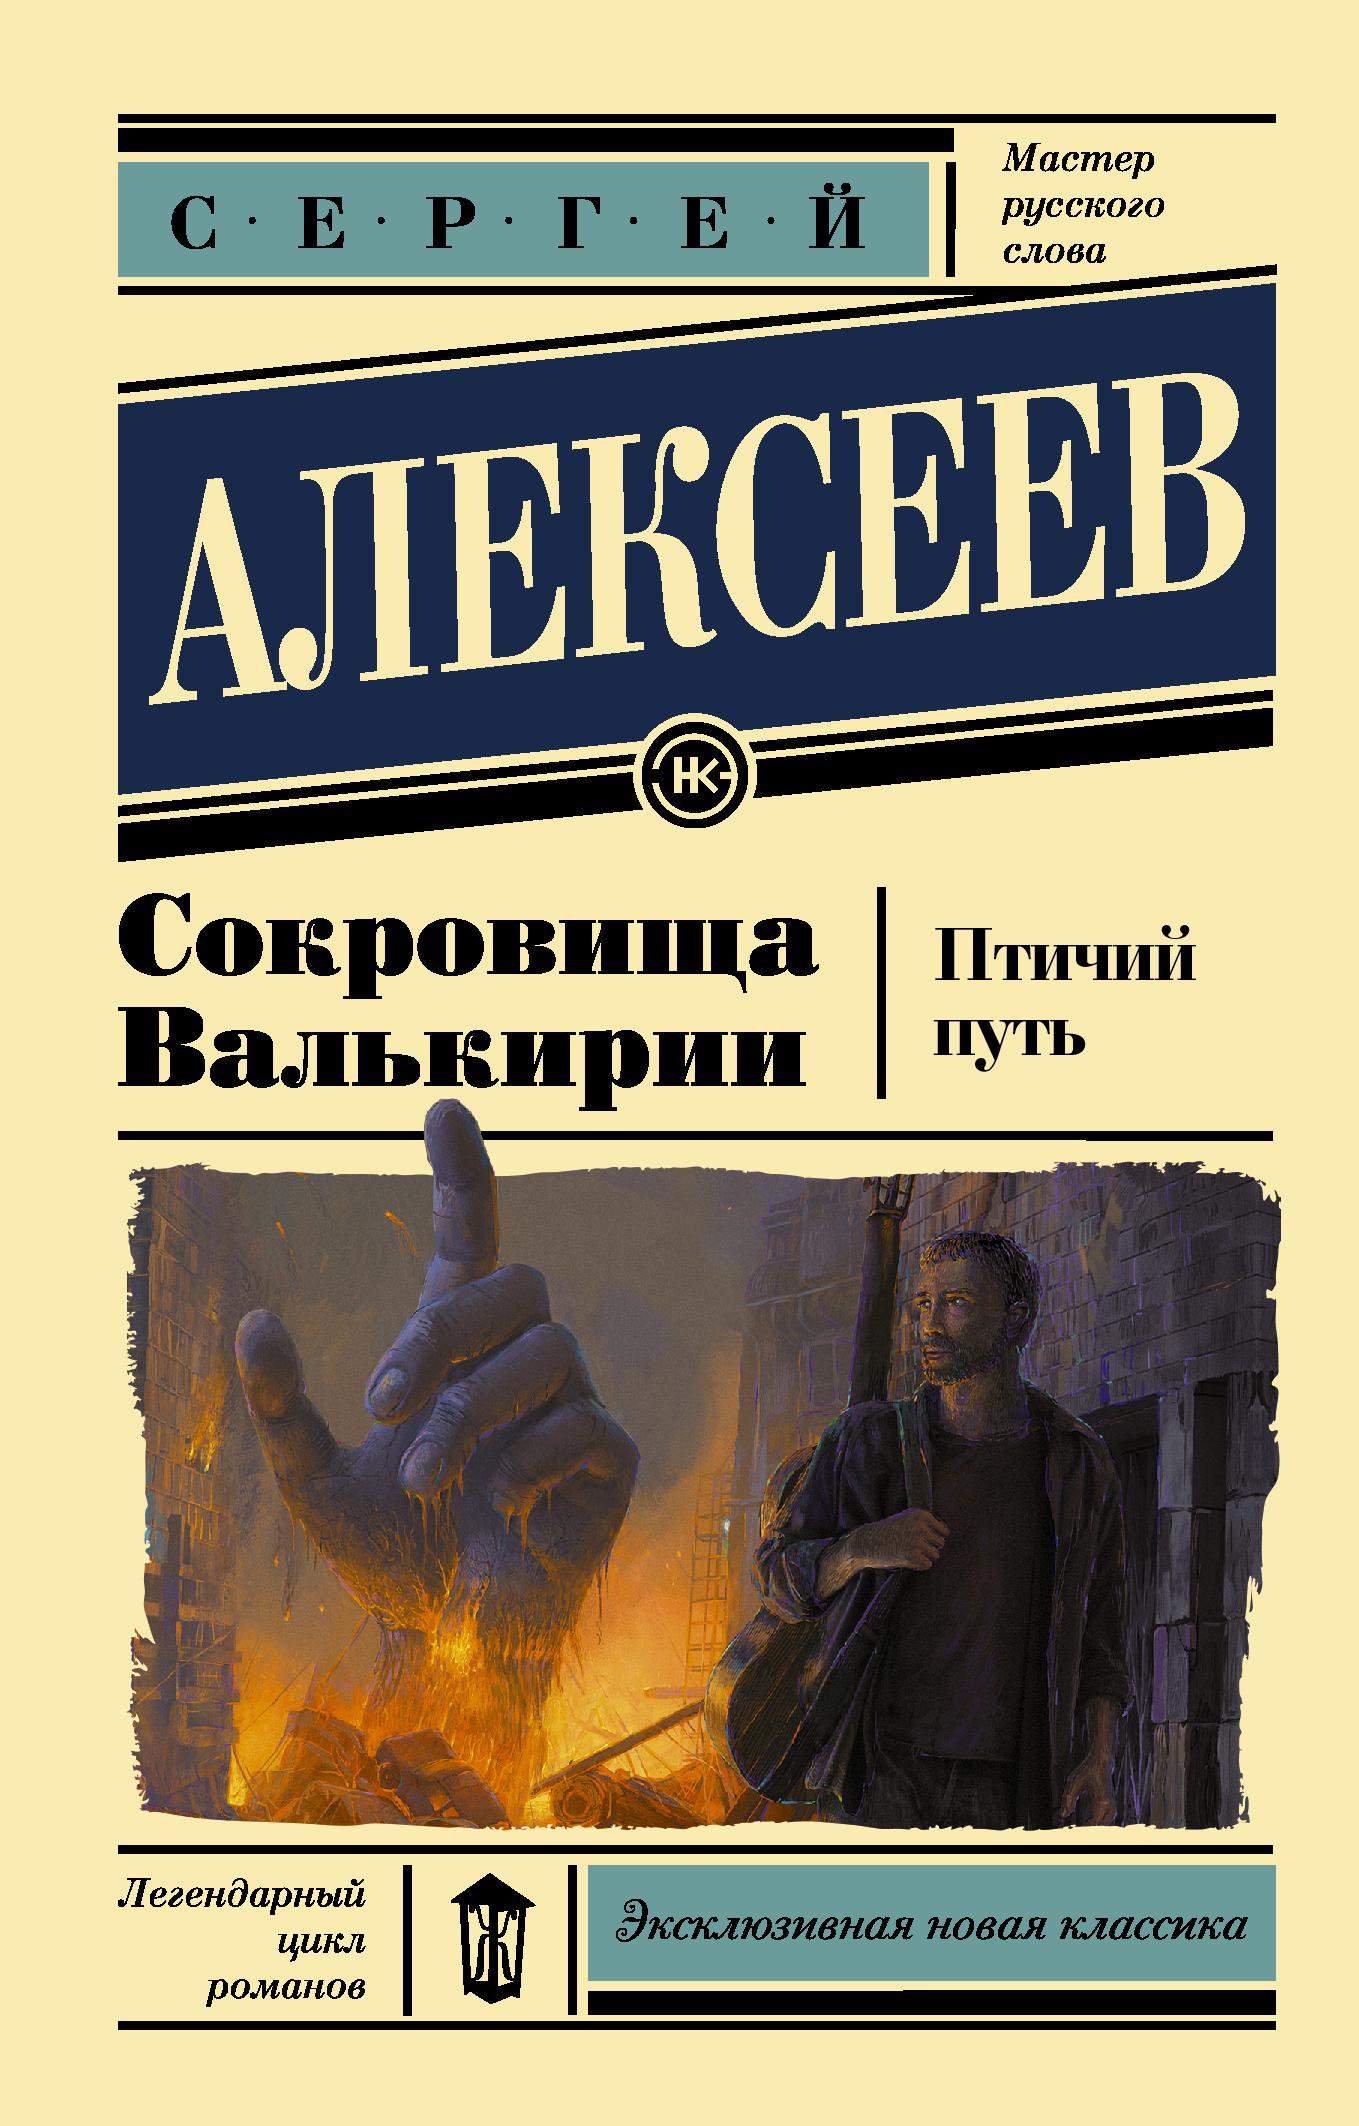 Сергей Алексеев  17   fantasyworldsorg